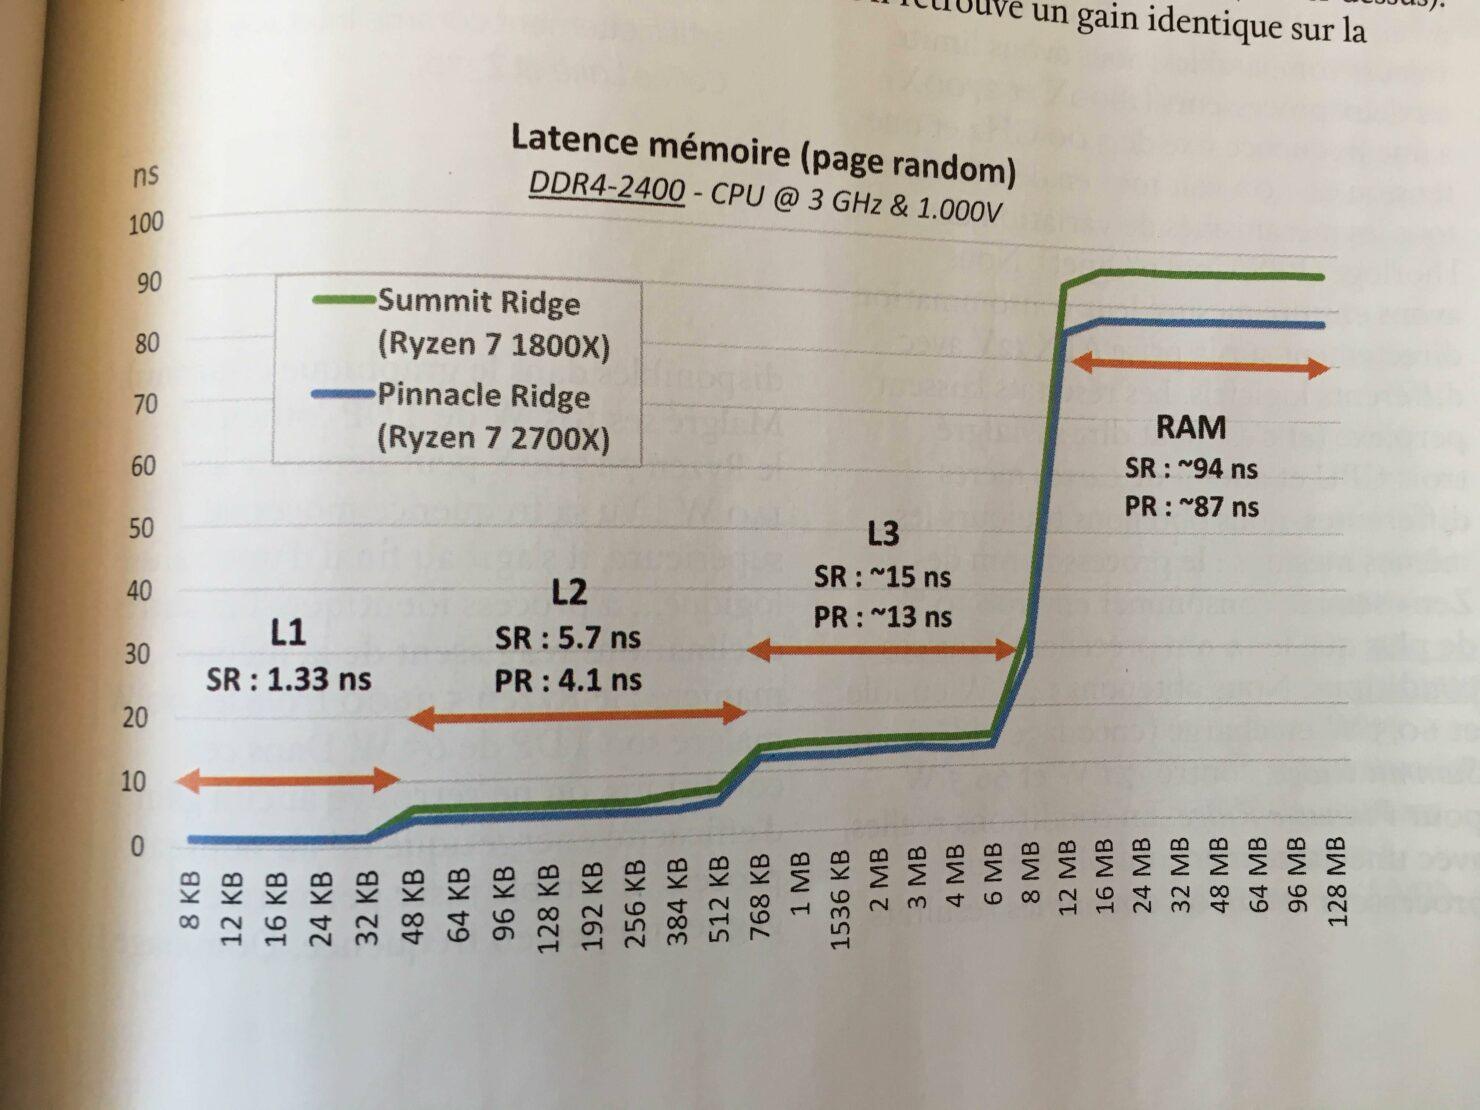 amd-ryzen-7-2700x-memory-latency